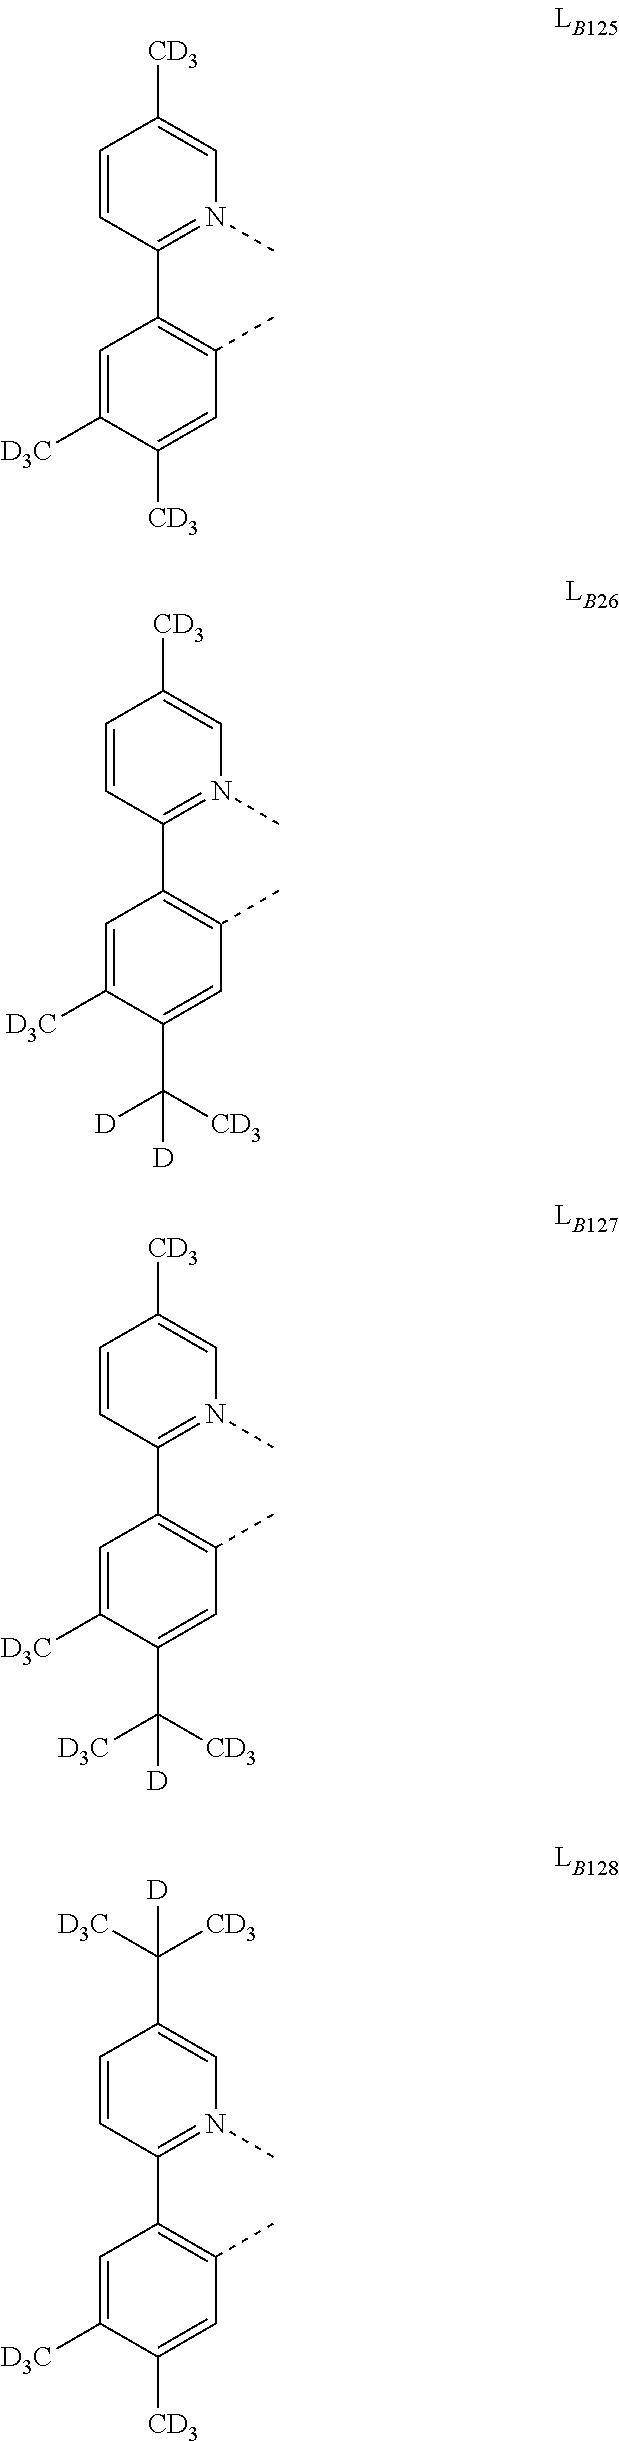 Figure US20180130962A1-20180510-C00284